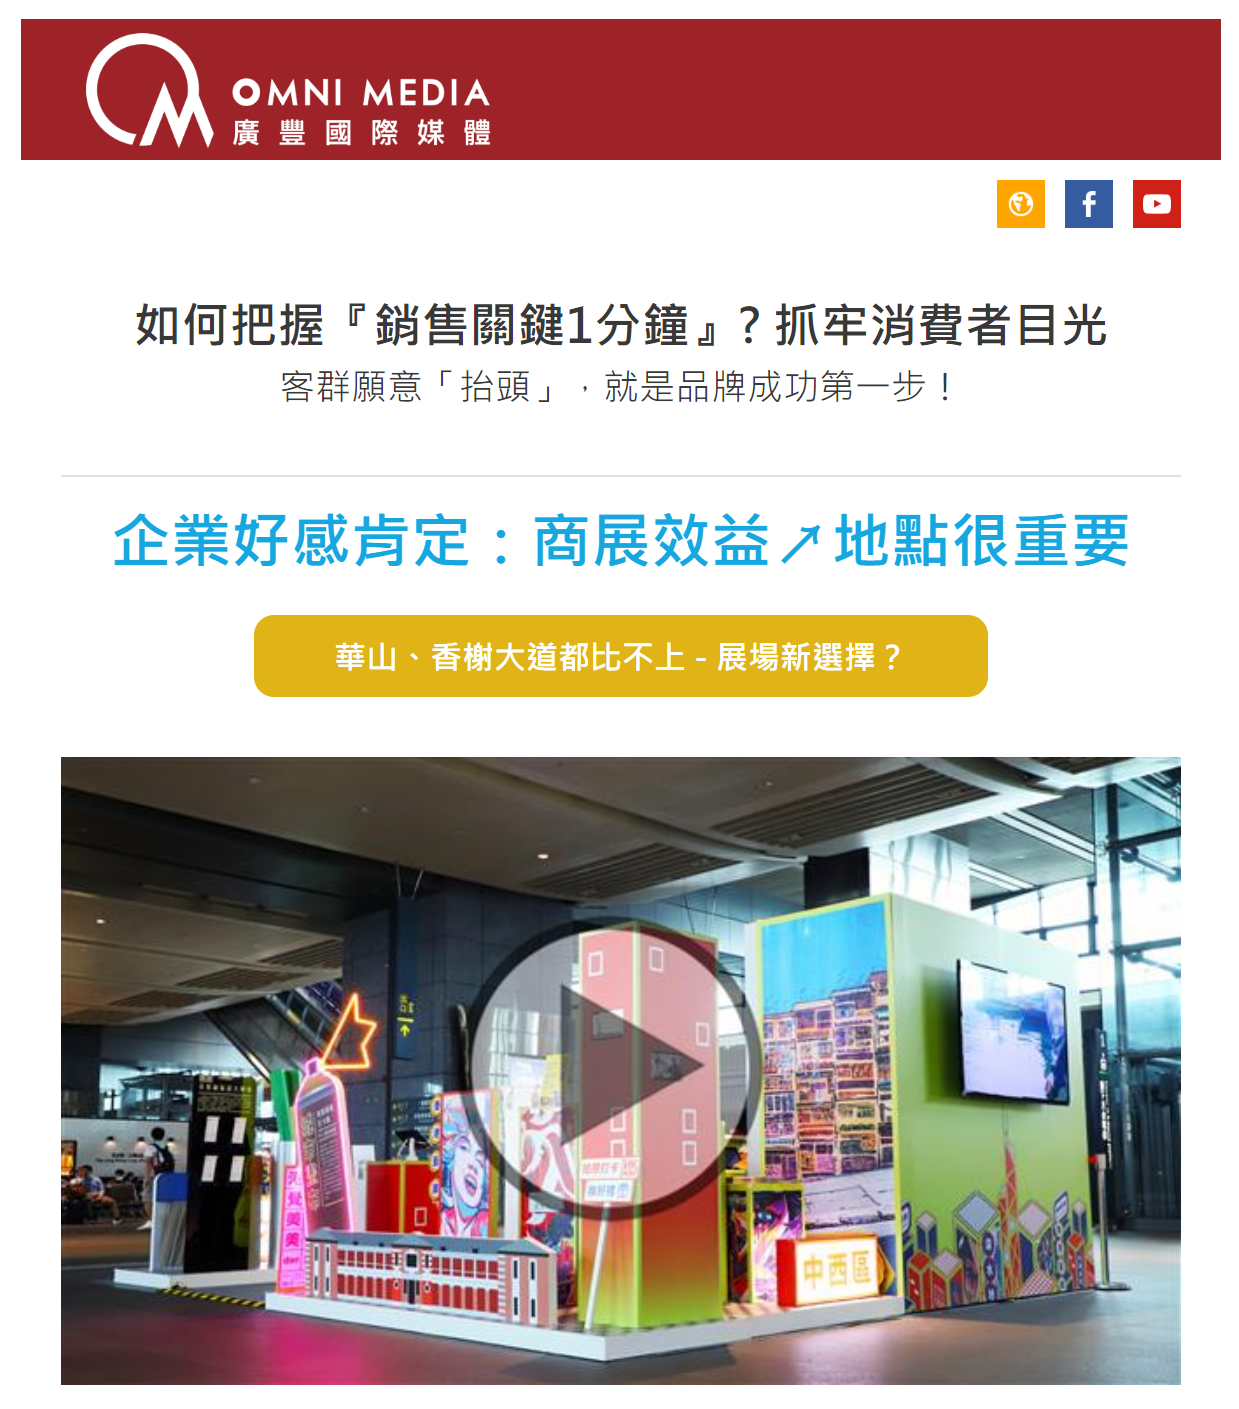 OMNI MEDIA廣豐國際媒體周報